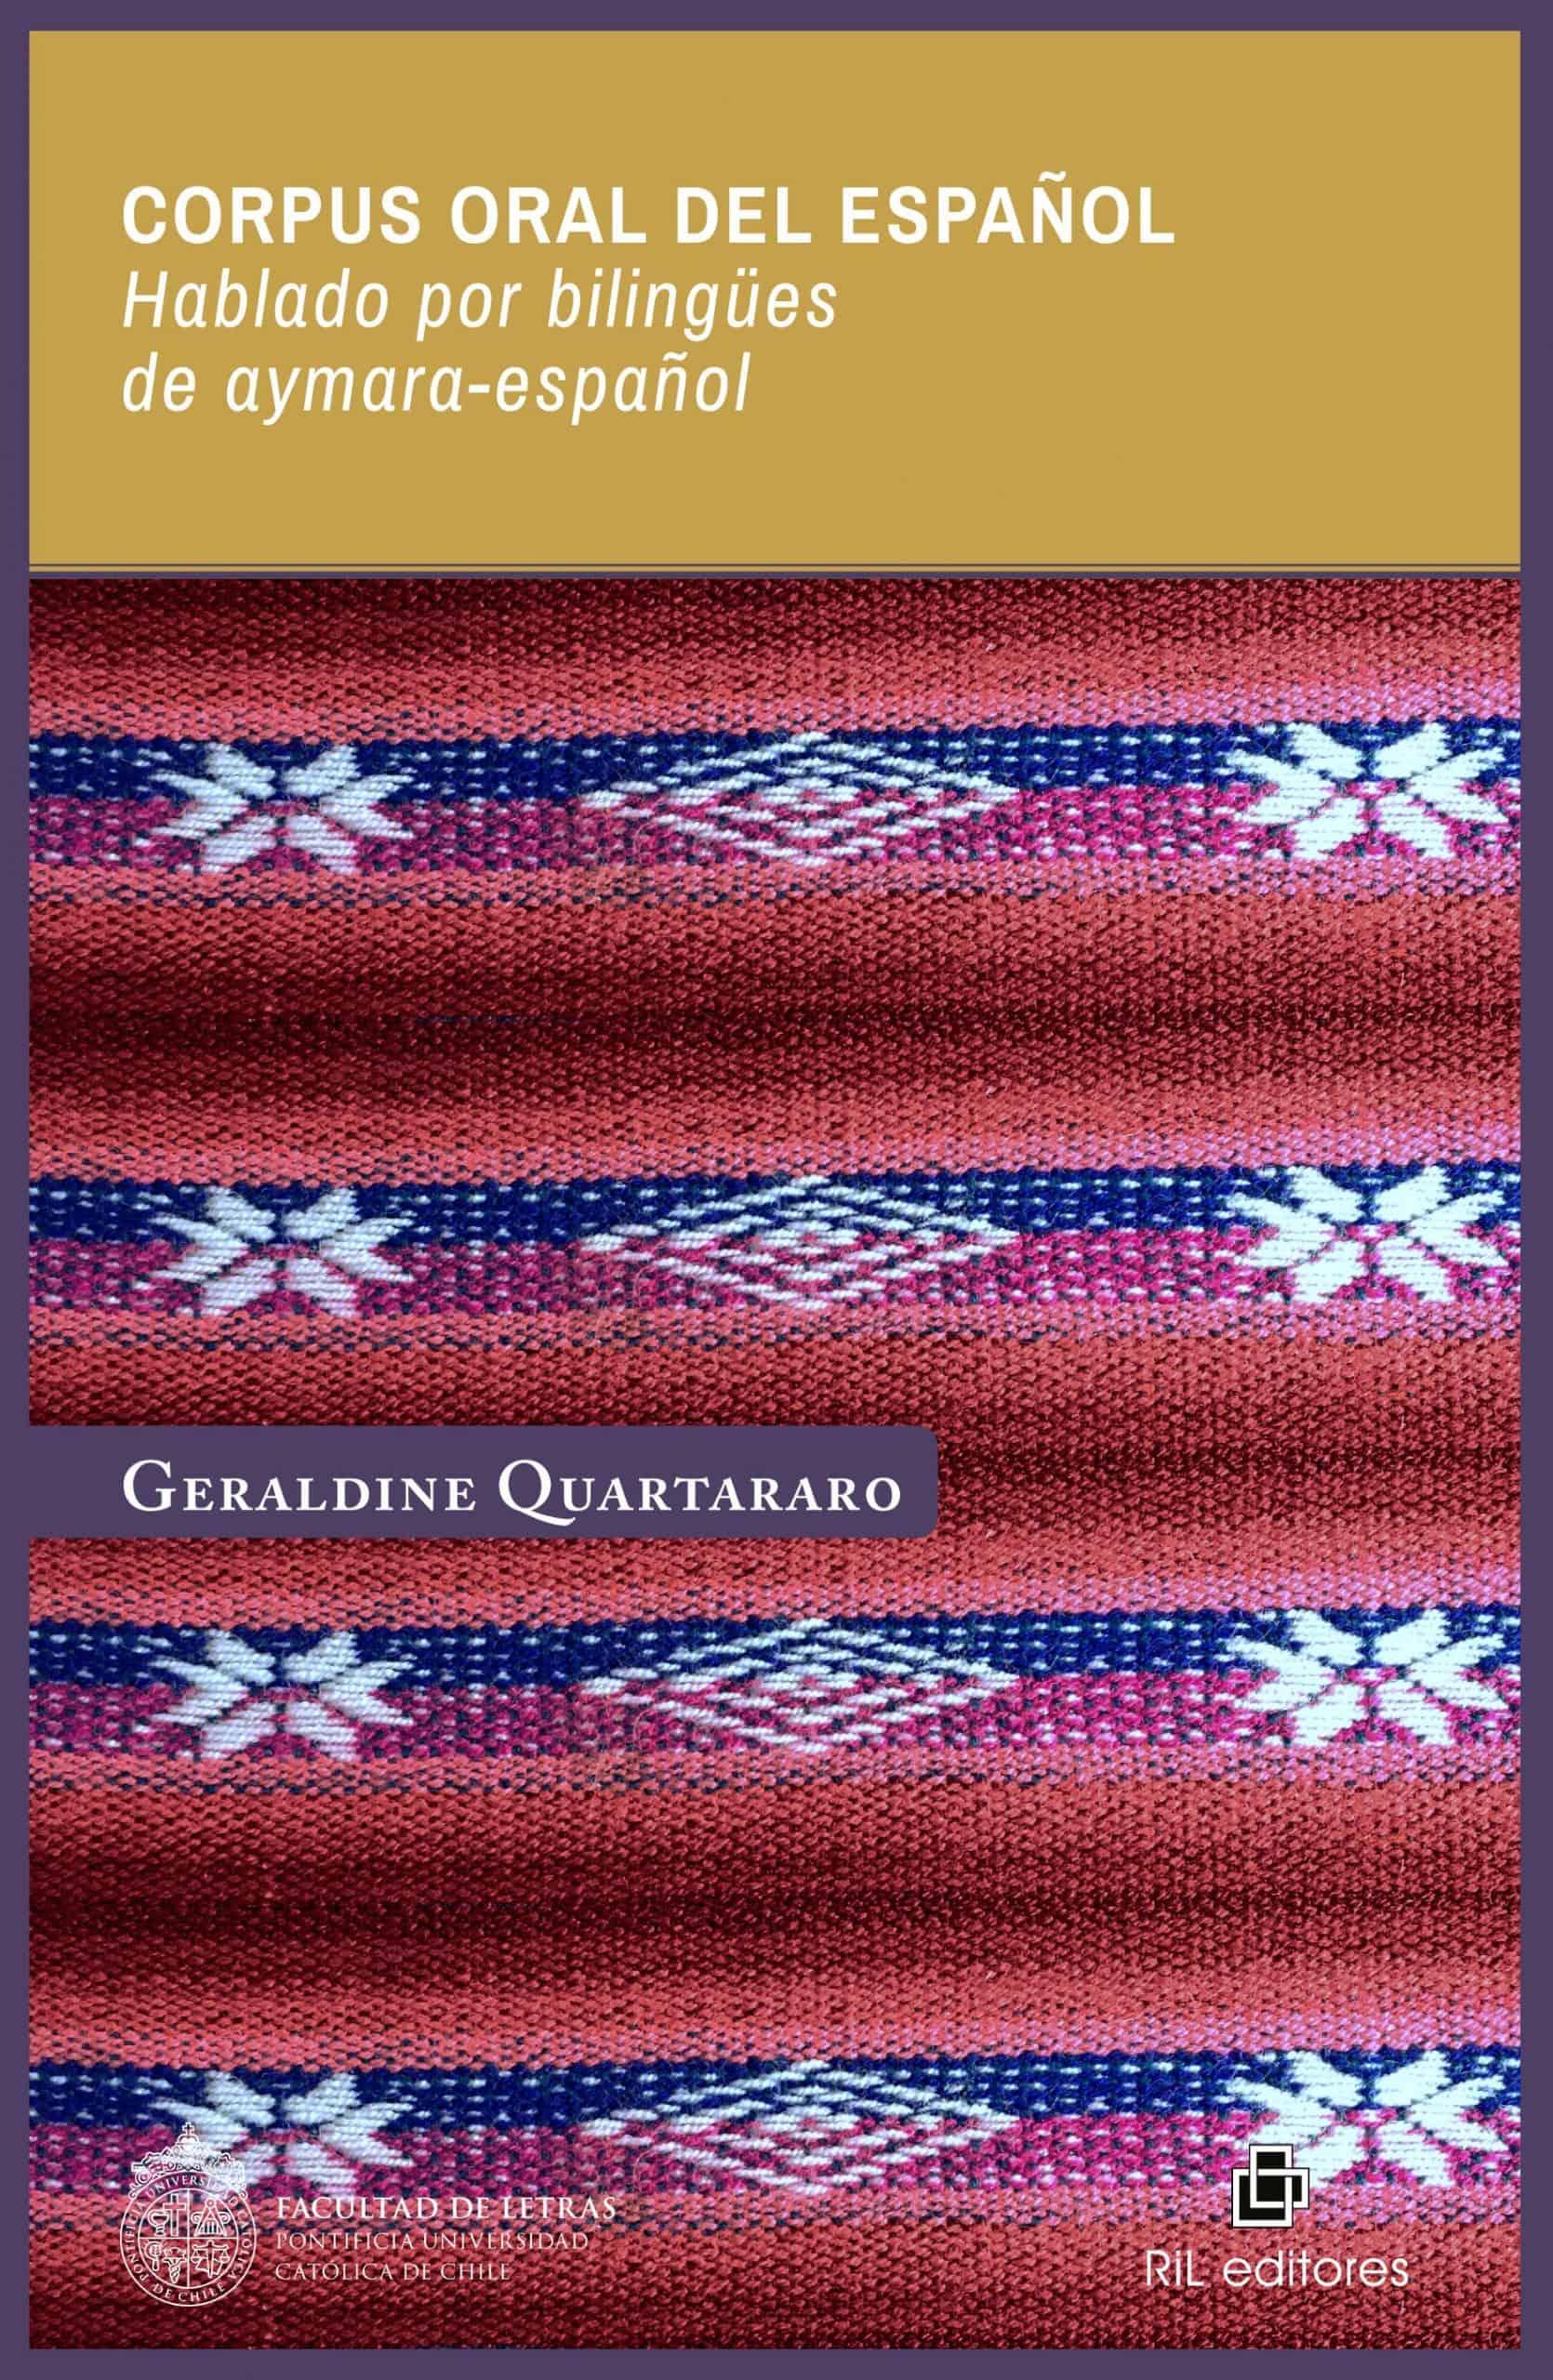 Corpus oral del español hablado por bilingües de aymara-español 1